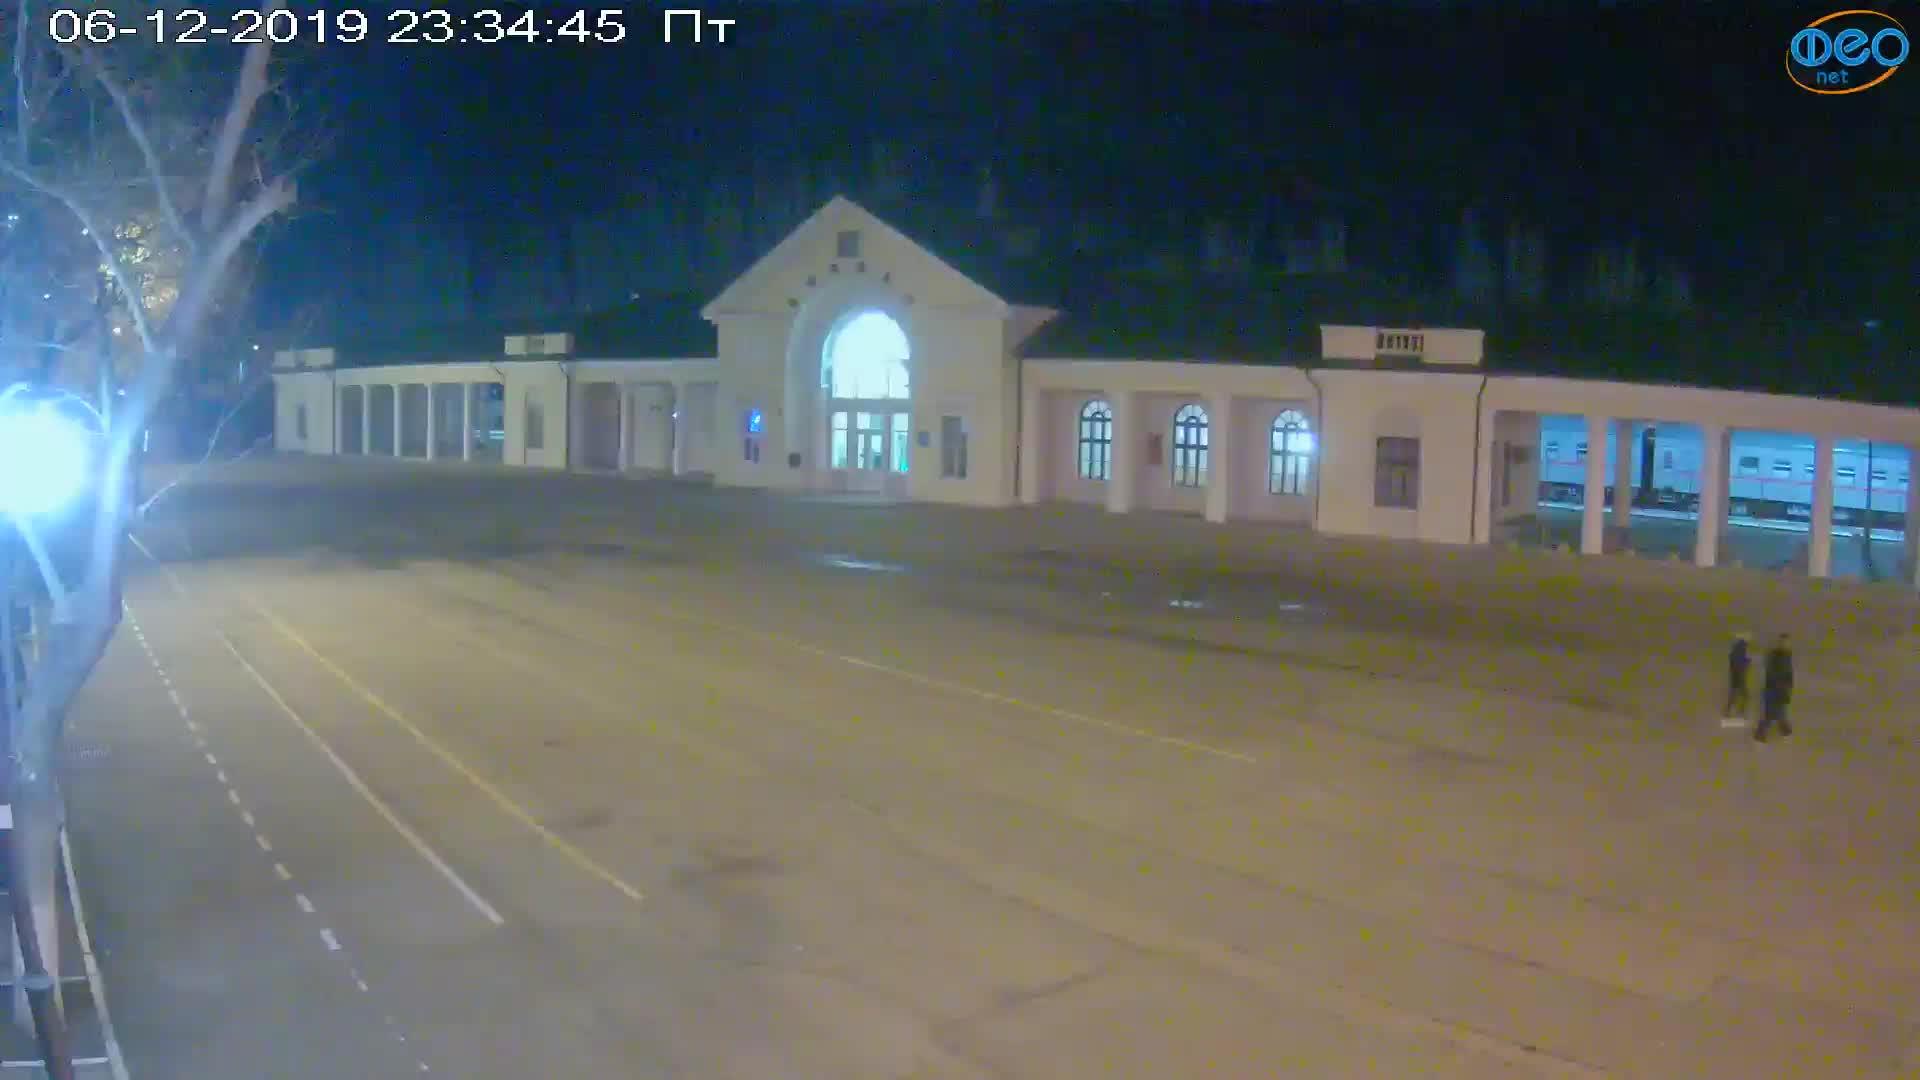 Веб-камеры Феодосии, Привокзальная площадь, 2019-12-06 23:35:09